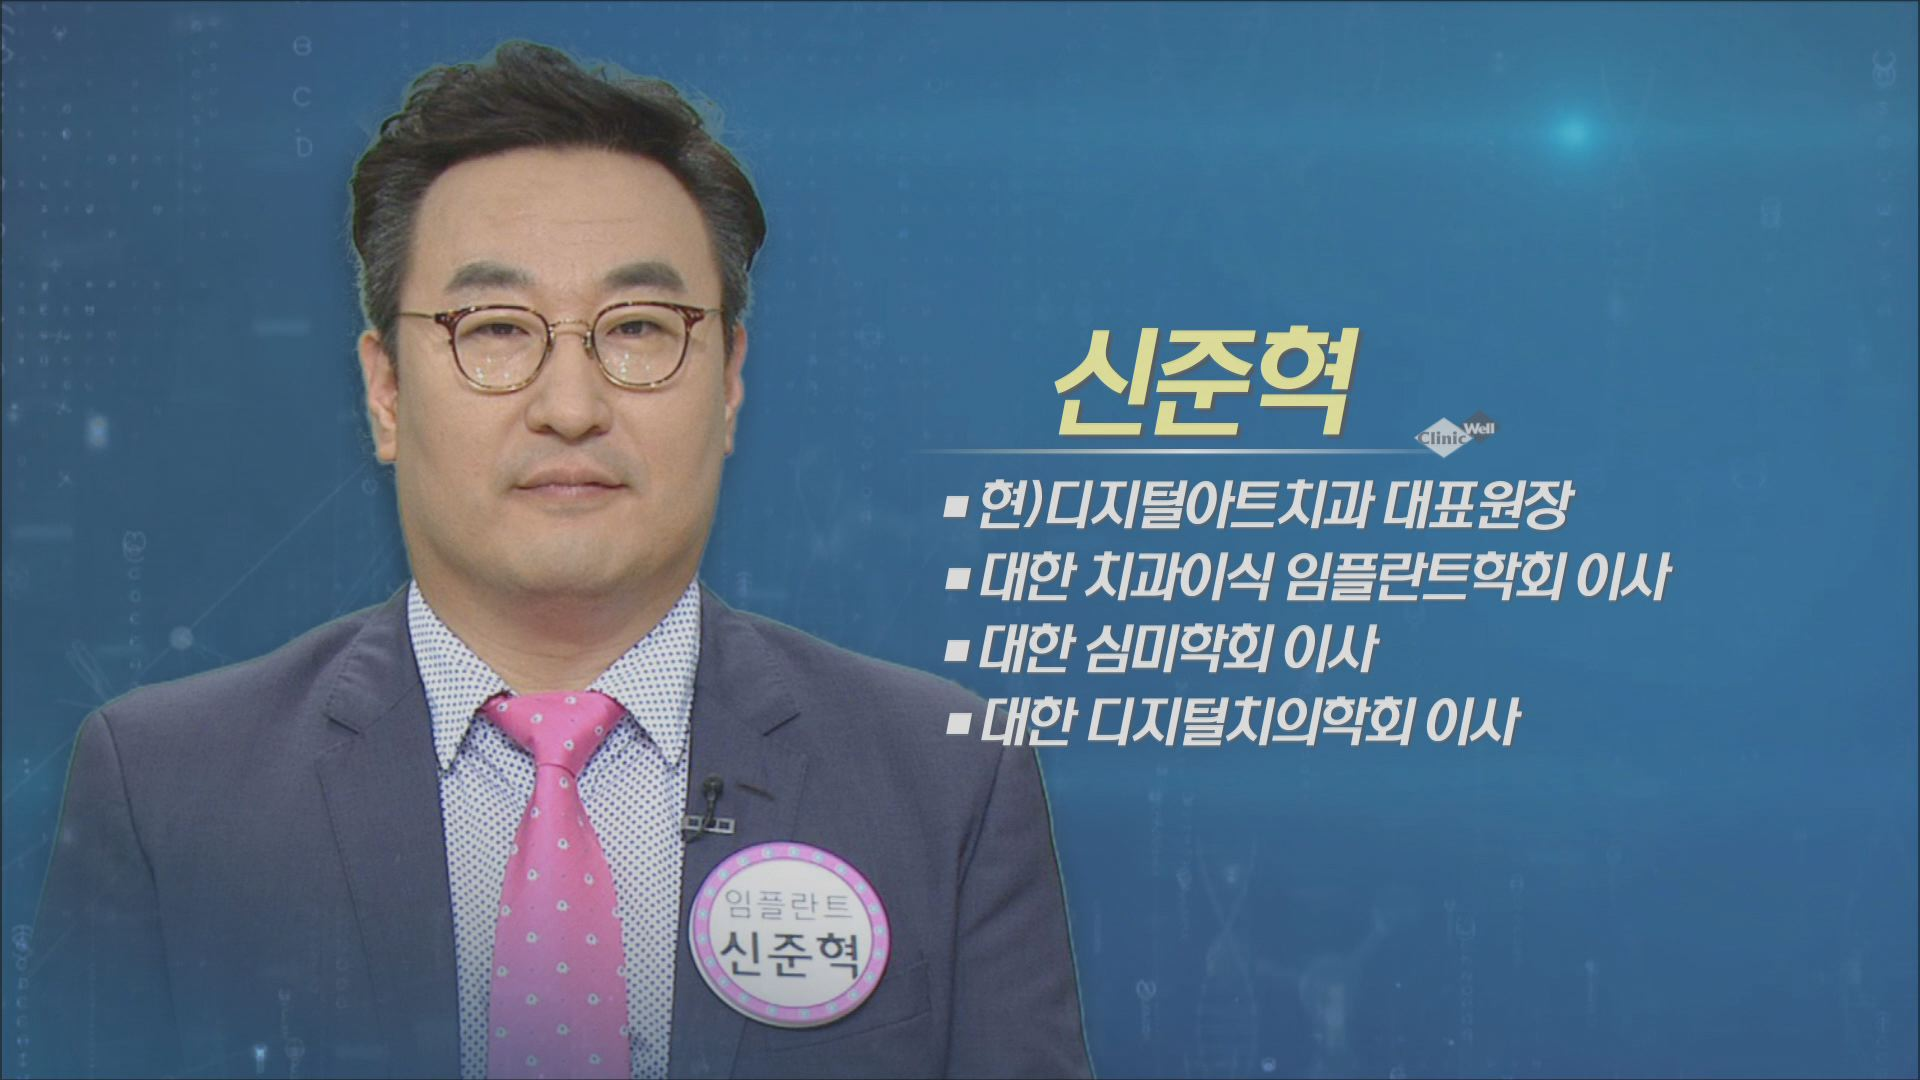 (09/09 방영) 씹는 즐거움을 되찾다, 임플란트(신준혁/디지털아트치과 대표원장)